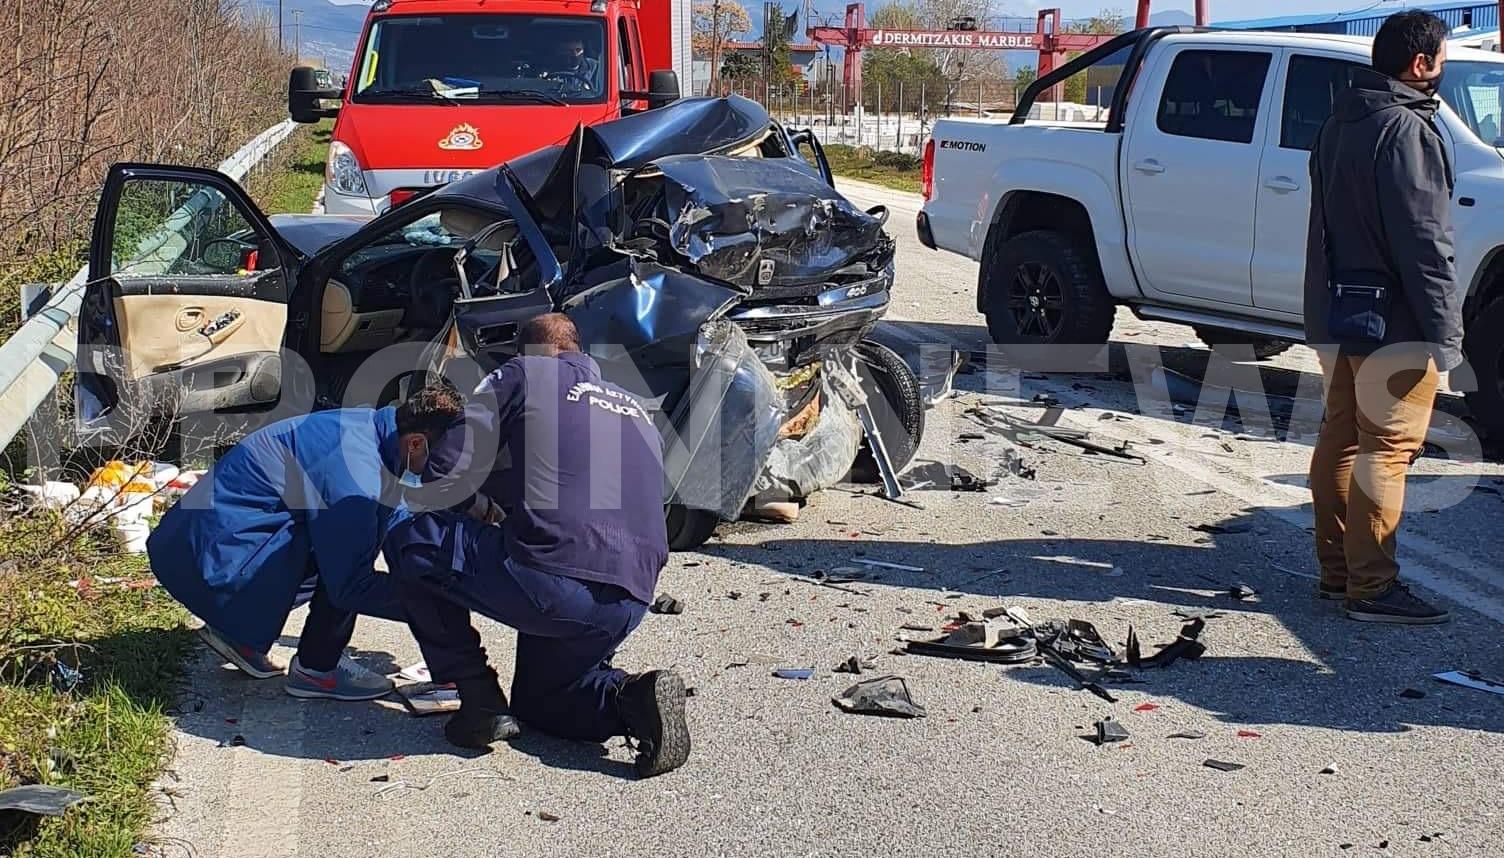 Καβάλα: Φονική καραμπόλα με ένα νεκρό και τρεις τραυματίες – Αυτοψία στο σημείο της τραγωδίας (pics)